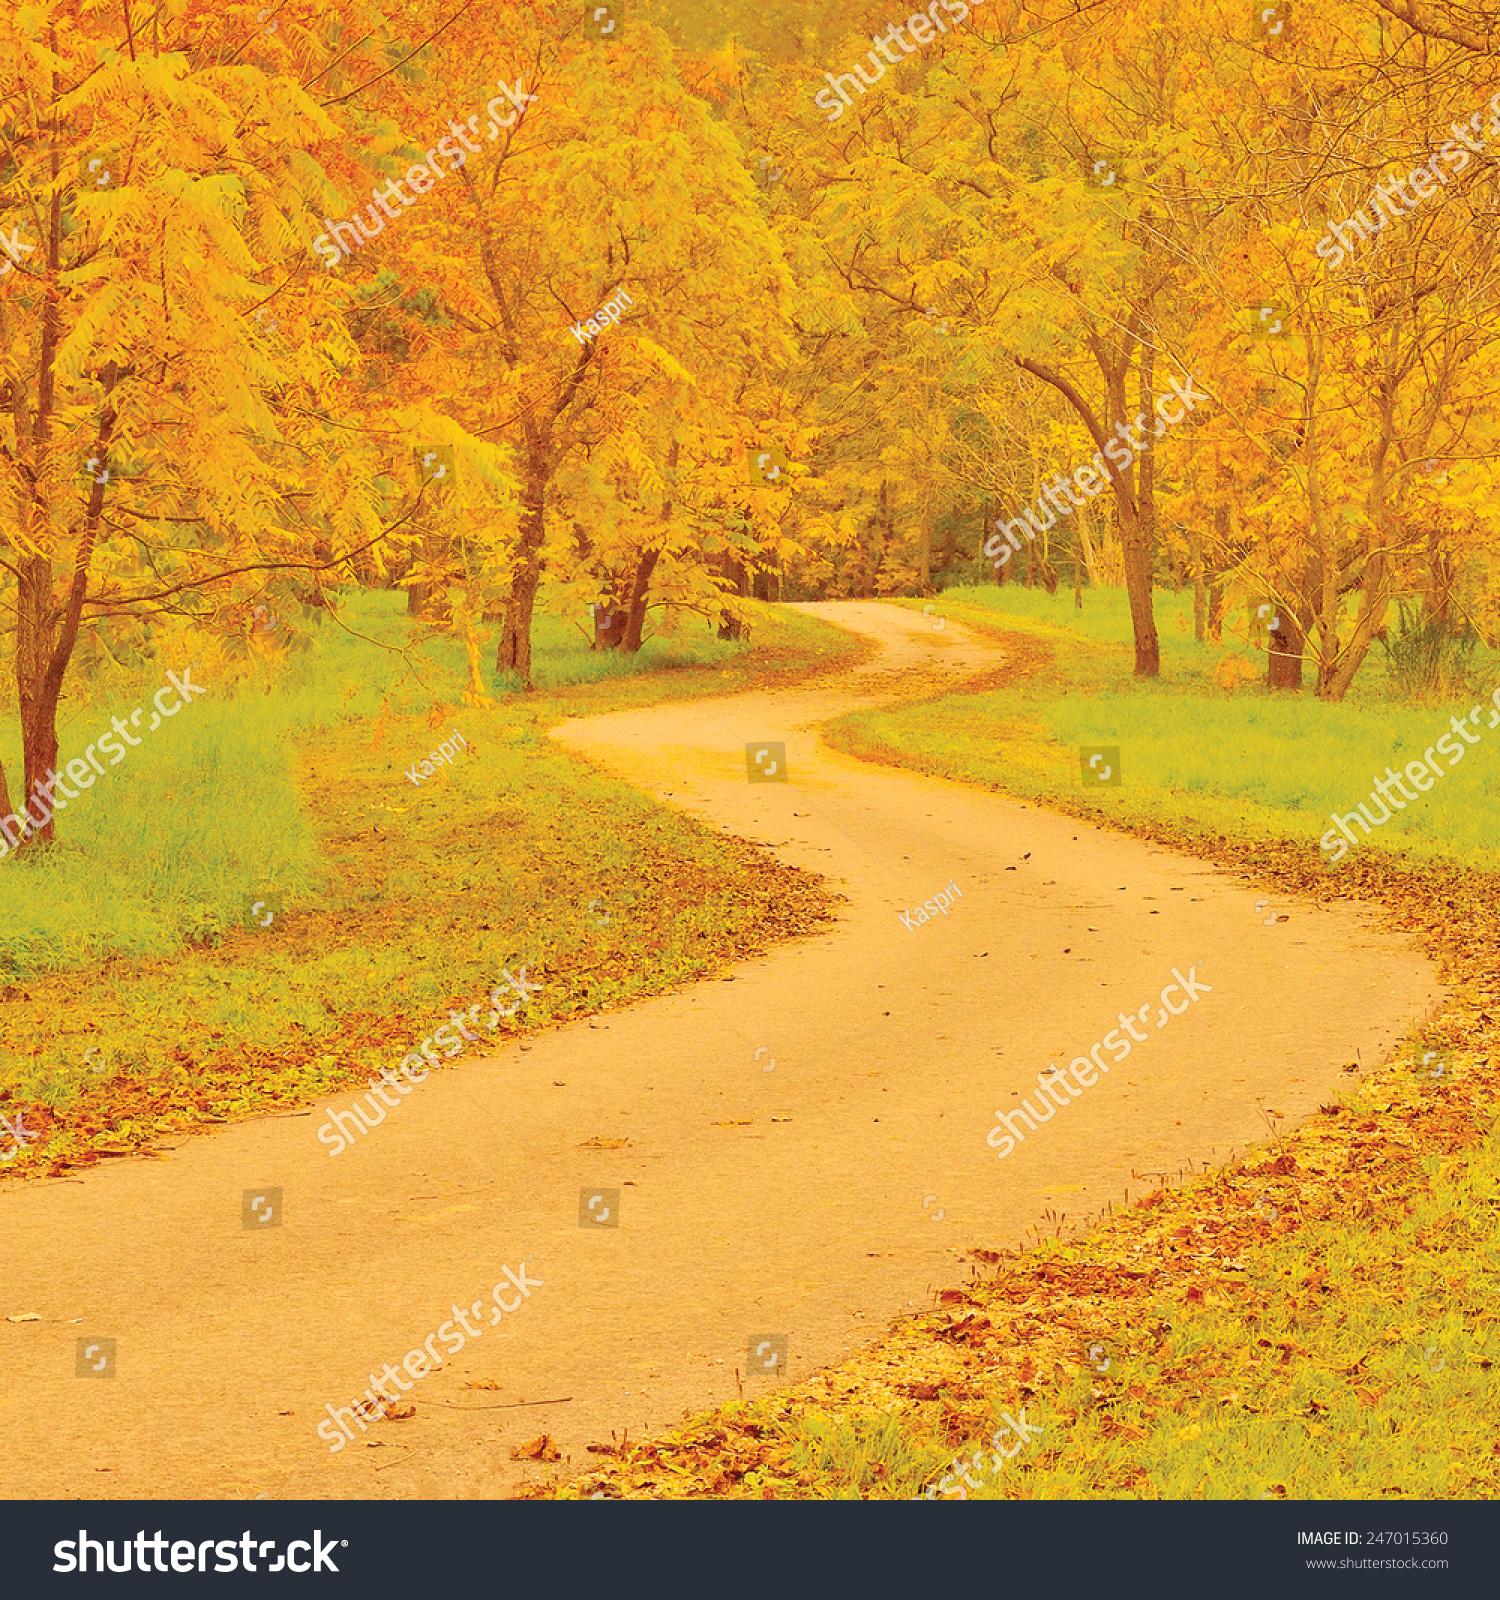 胡桃树小径秋天色彩鲜艳的黄色红叶大量详细的户外老图片